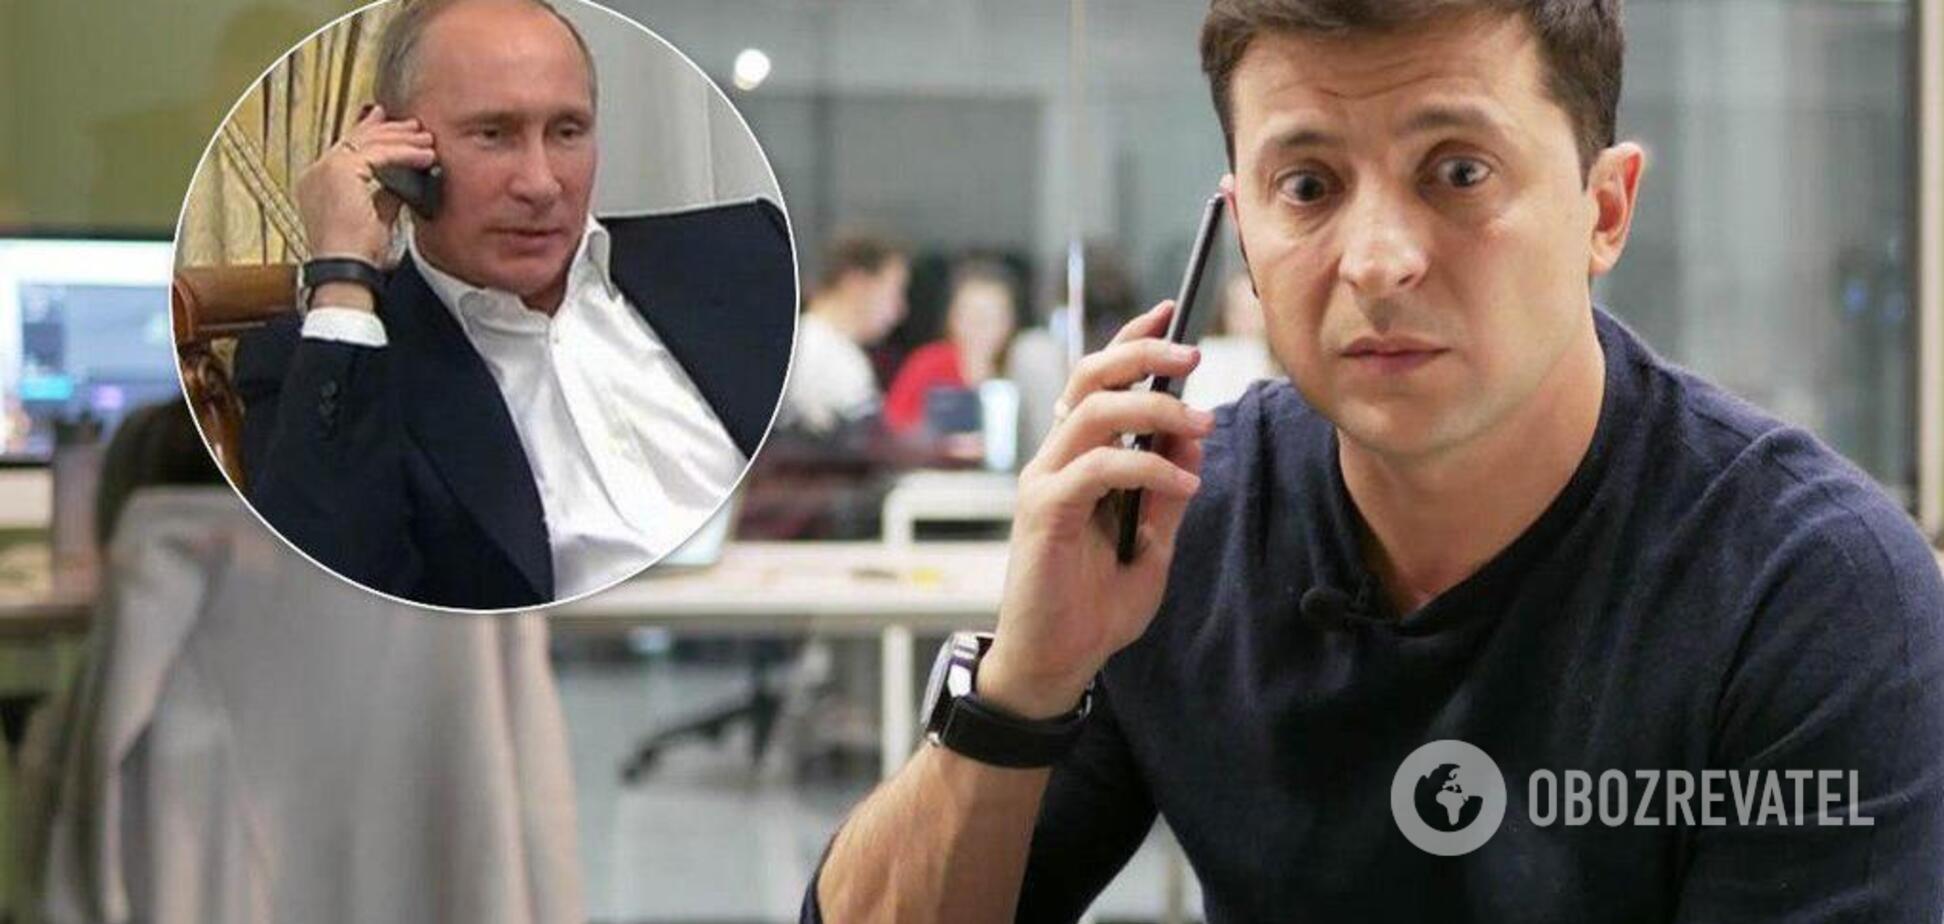 Война закончится: раскрыт важный нюанс о переговорах Зеленского с Путиным